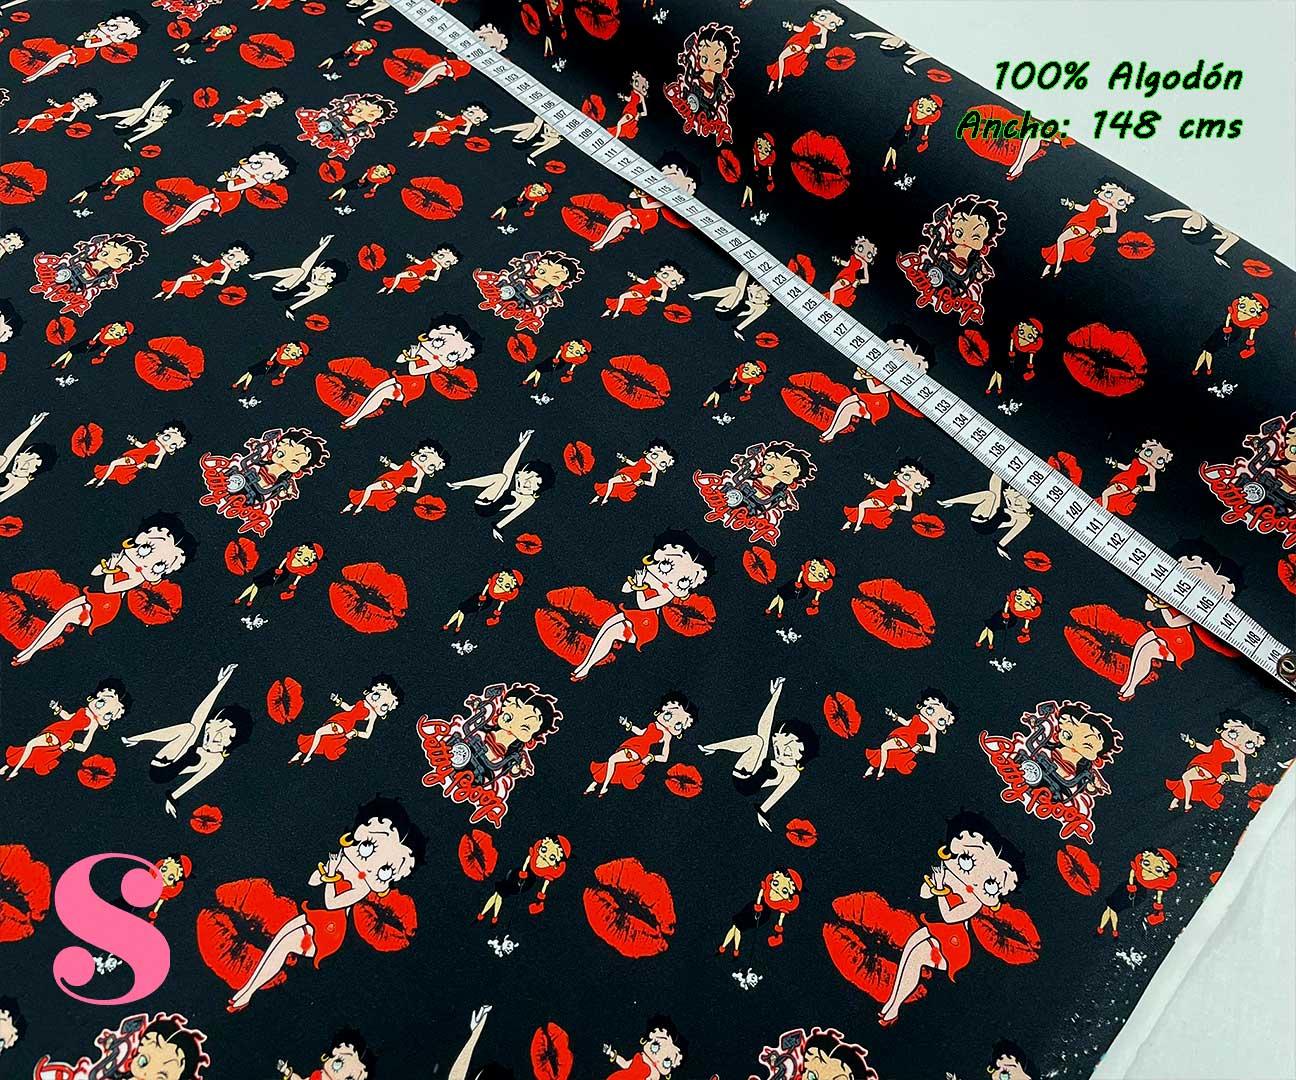 27-telas-estampadas-de-algodón,-telas-frikis,estampados-frikis-de-algodón,-estampados-origonales-de-algodón,Tejido Estampado Betty Boop Kiss